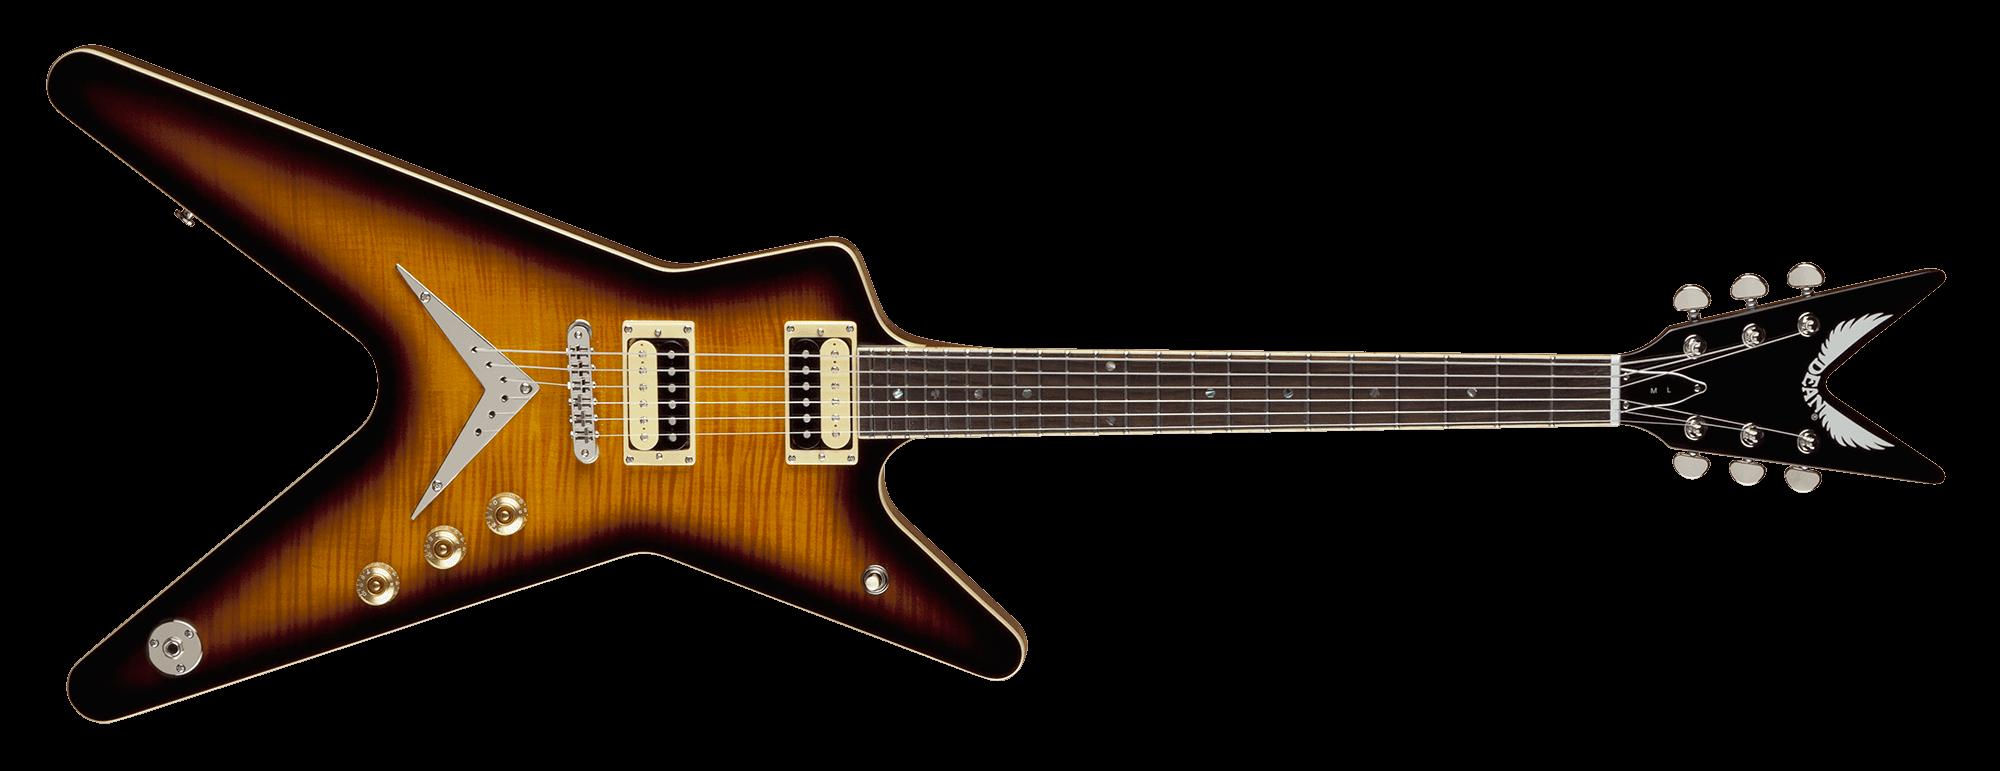 ML 79 - Trans Brazilia